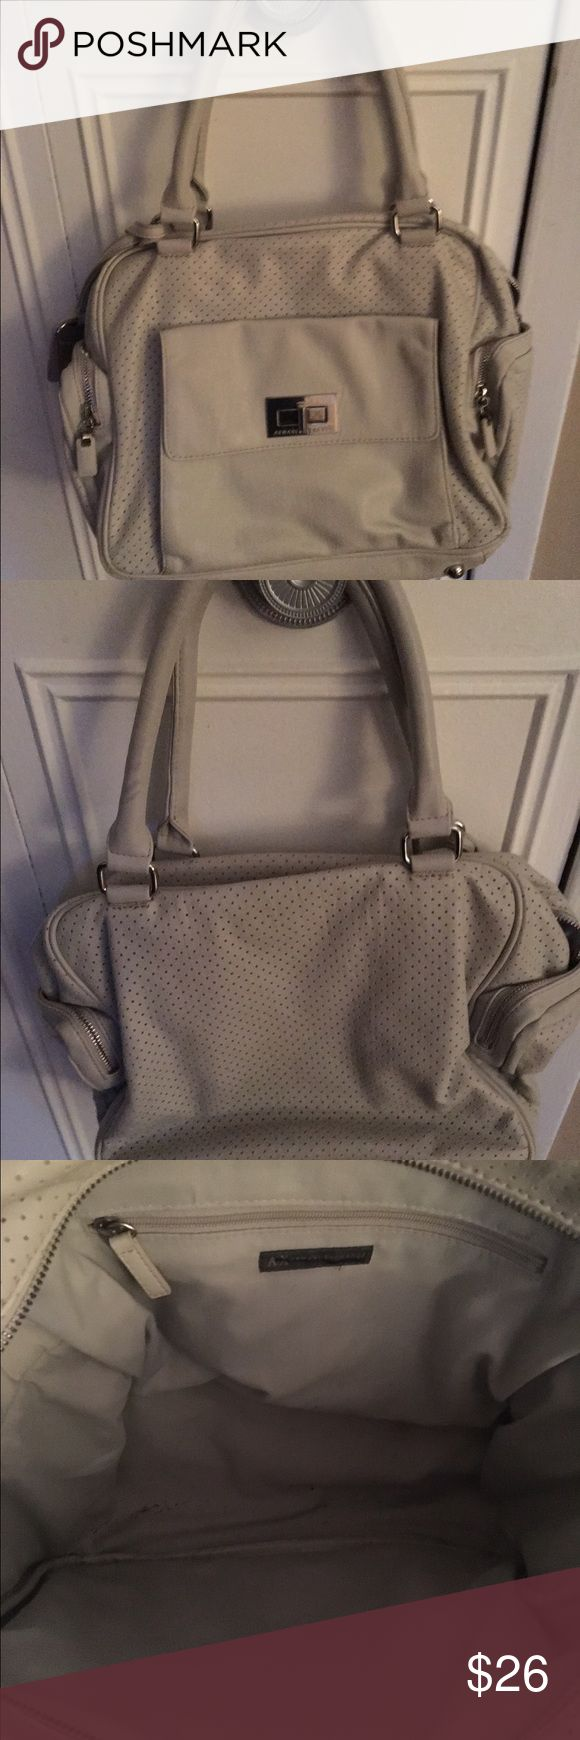 👜 Armani Exchange Handbag Gently worn Armani Exchange Handbag.. Color is white grayish.. A/X Armani Exchange Bags Satchels